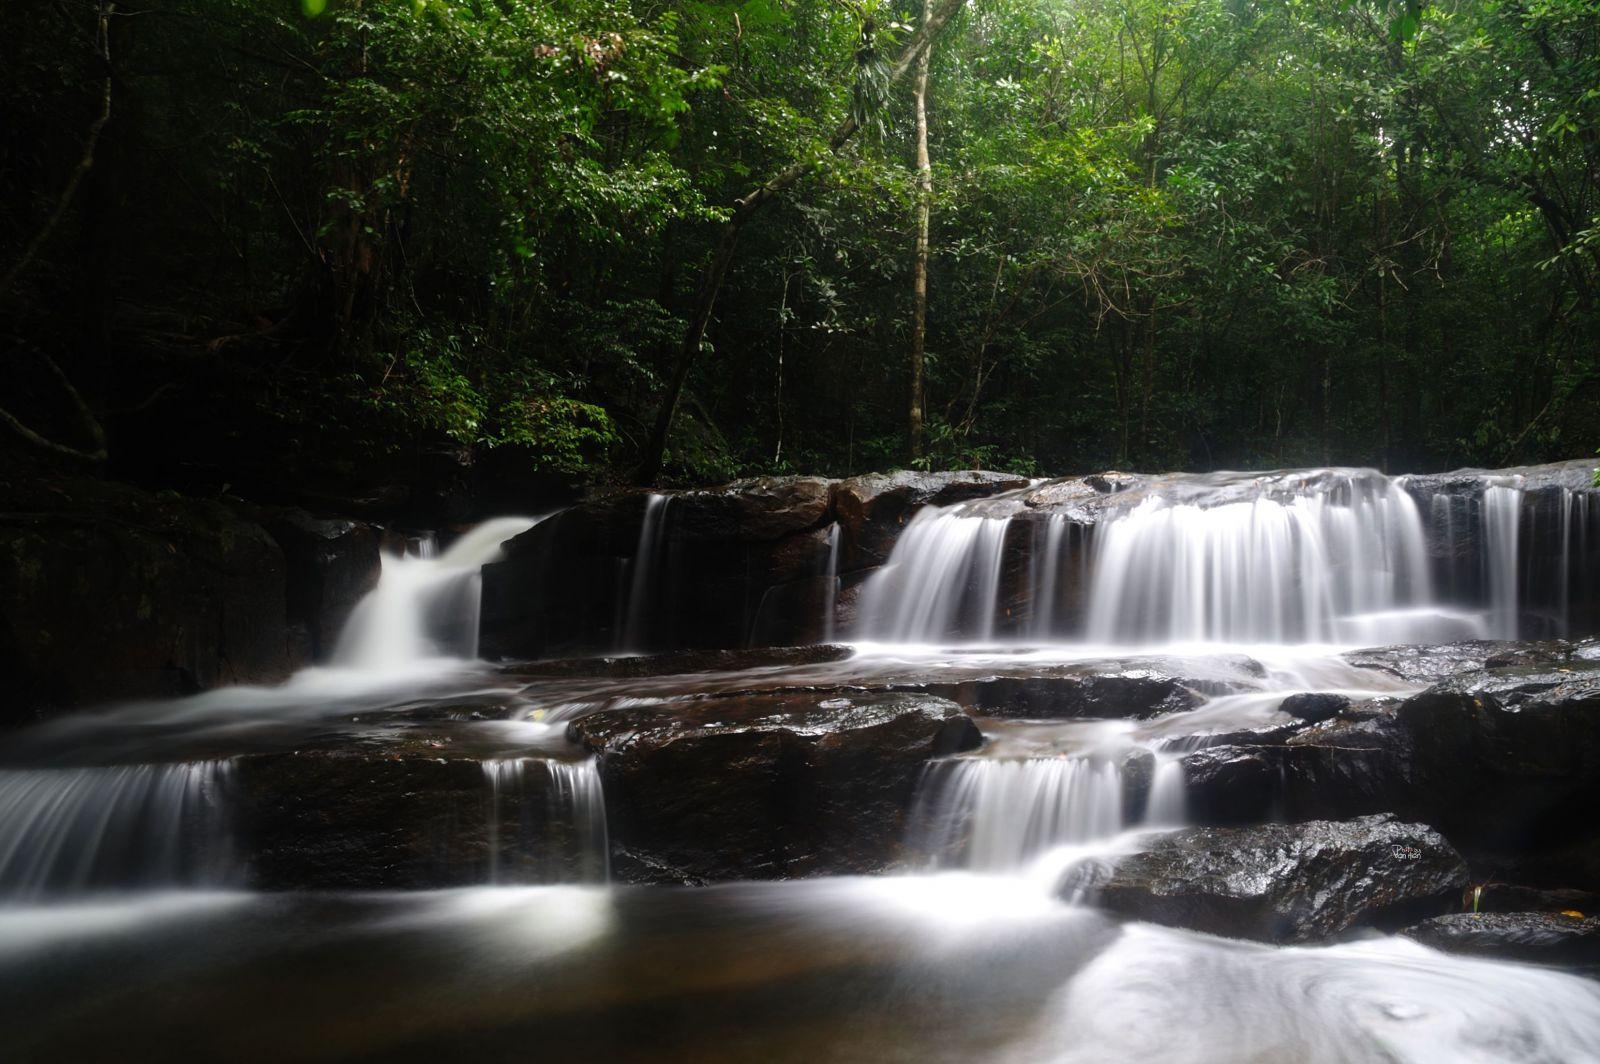 Suối Đá Ngọn, Phú Quốc - iVIVU.com